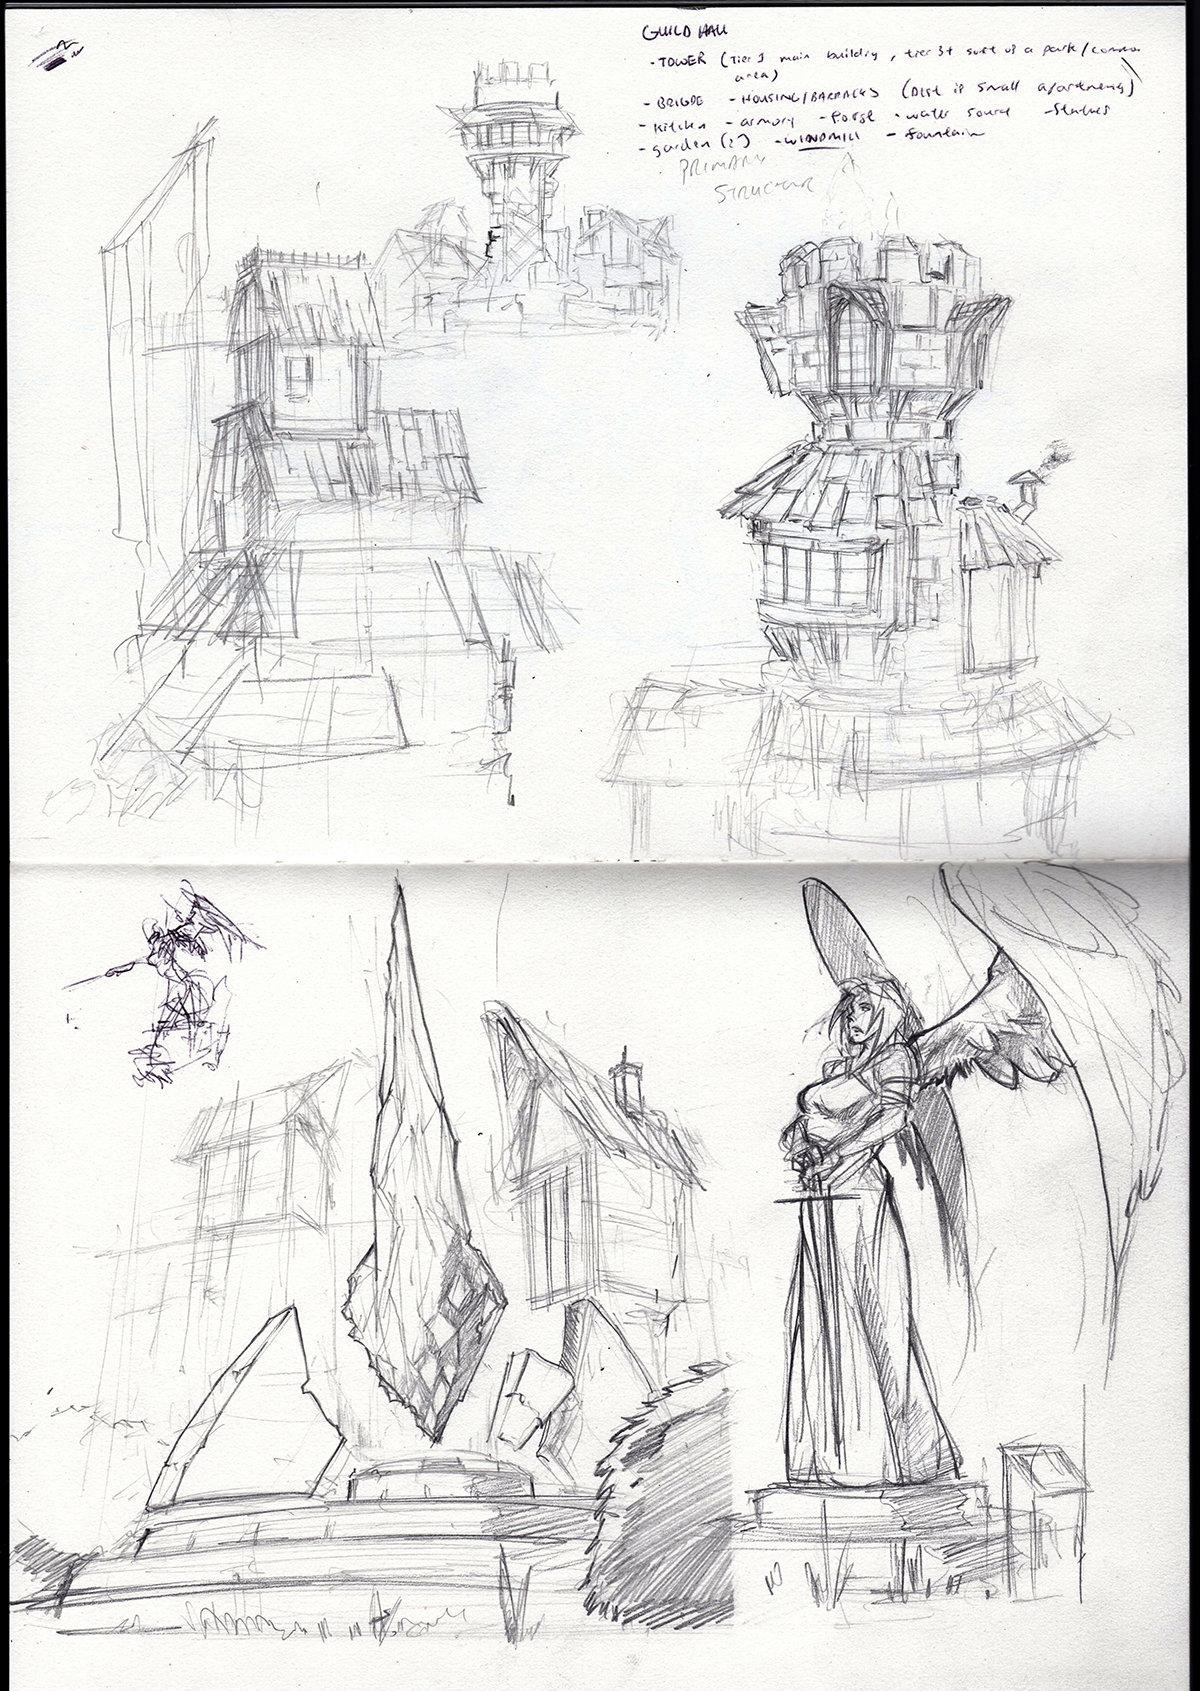 Haoqian pan wen sketch 004s